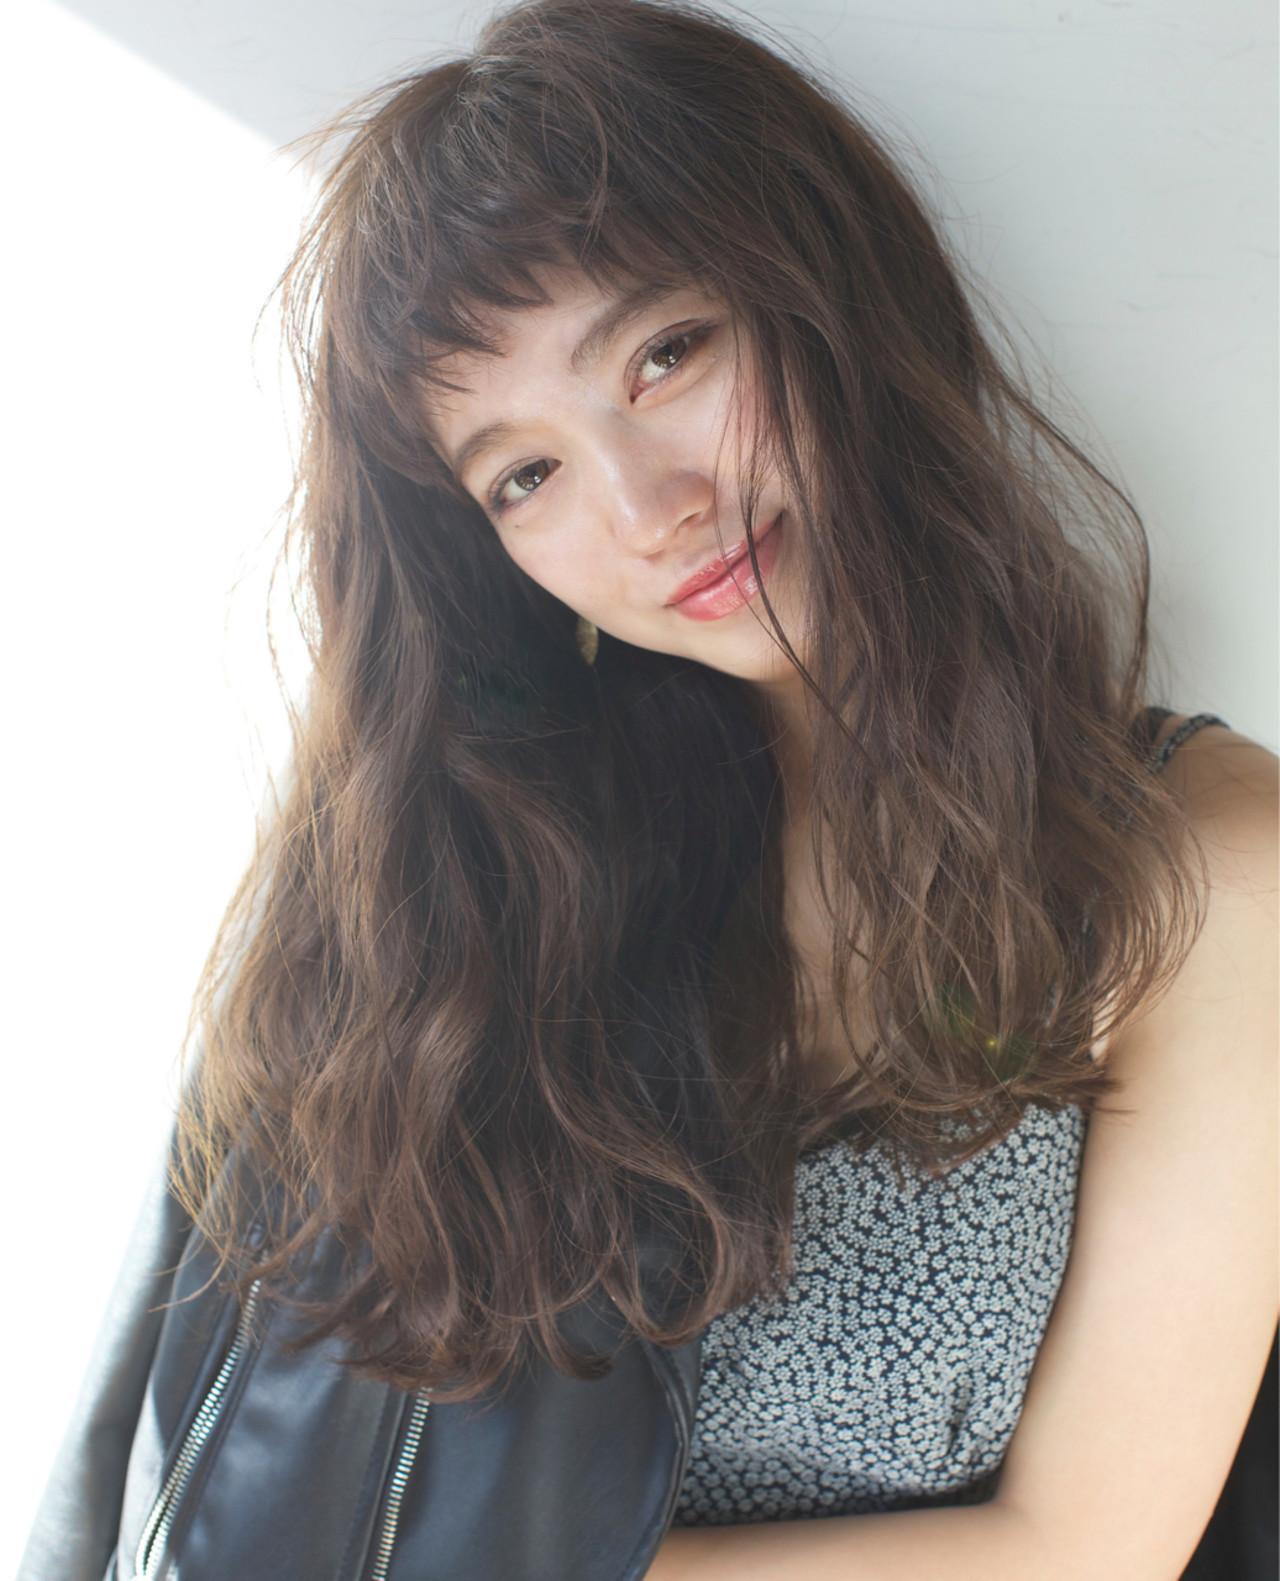 オン眉で印象チェンジ♡丸顔さんも似合うおすすめヘアスタイル紹介の1枚目の画像